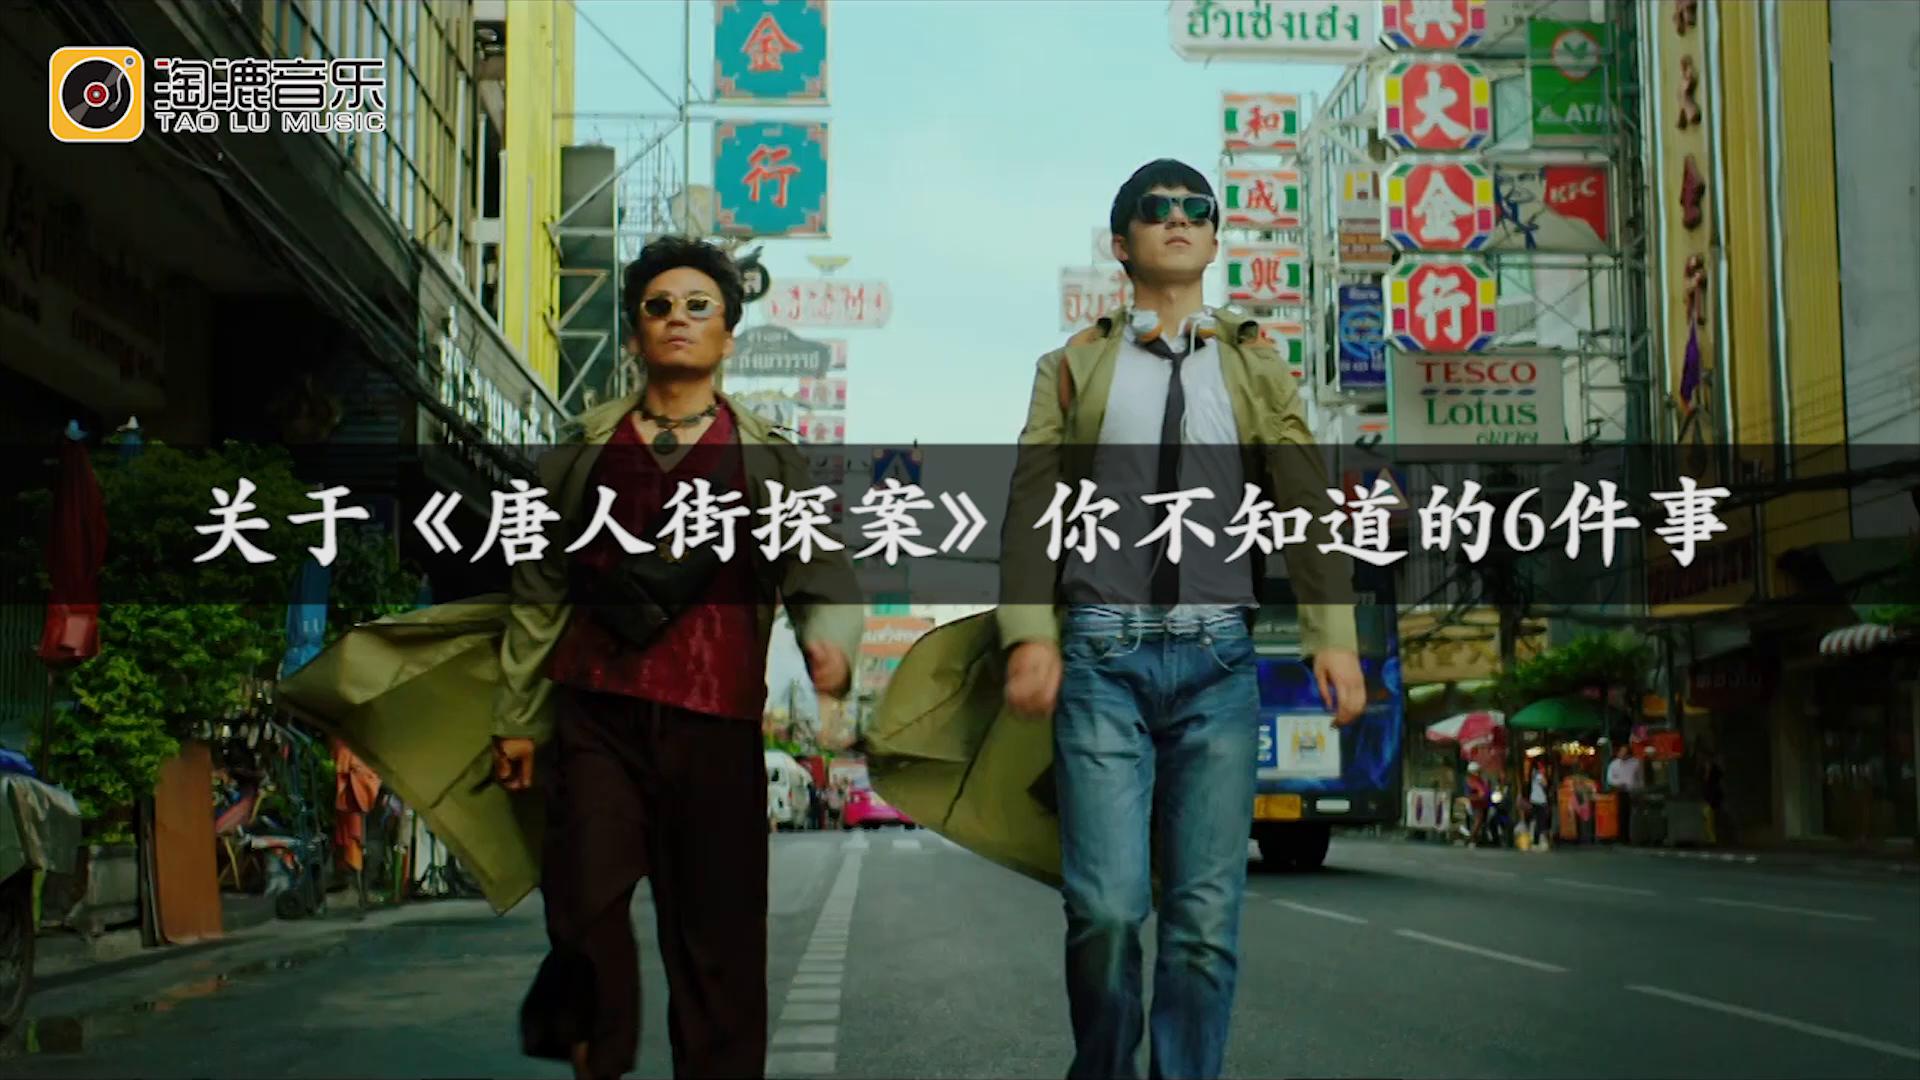 《唐人街探案》:剧情早就被导演剧透?刘昊然和王宝强拍戏跑到吐